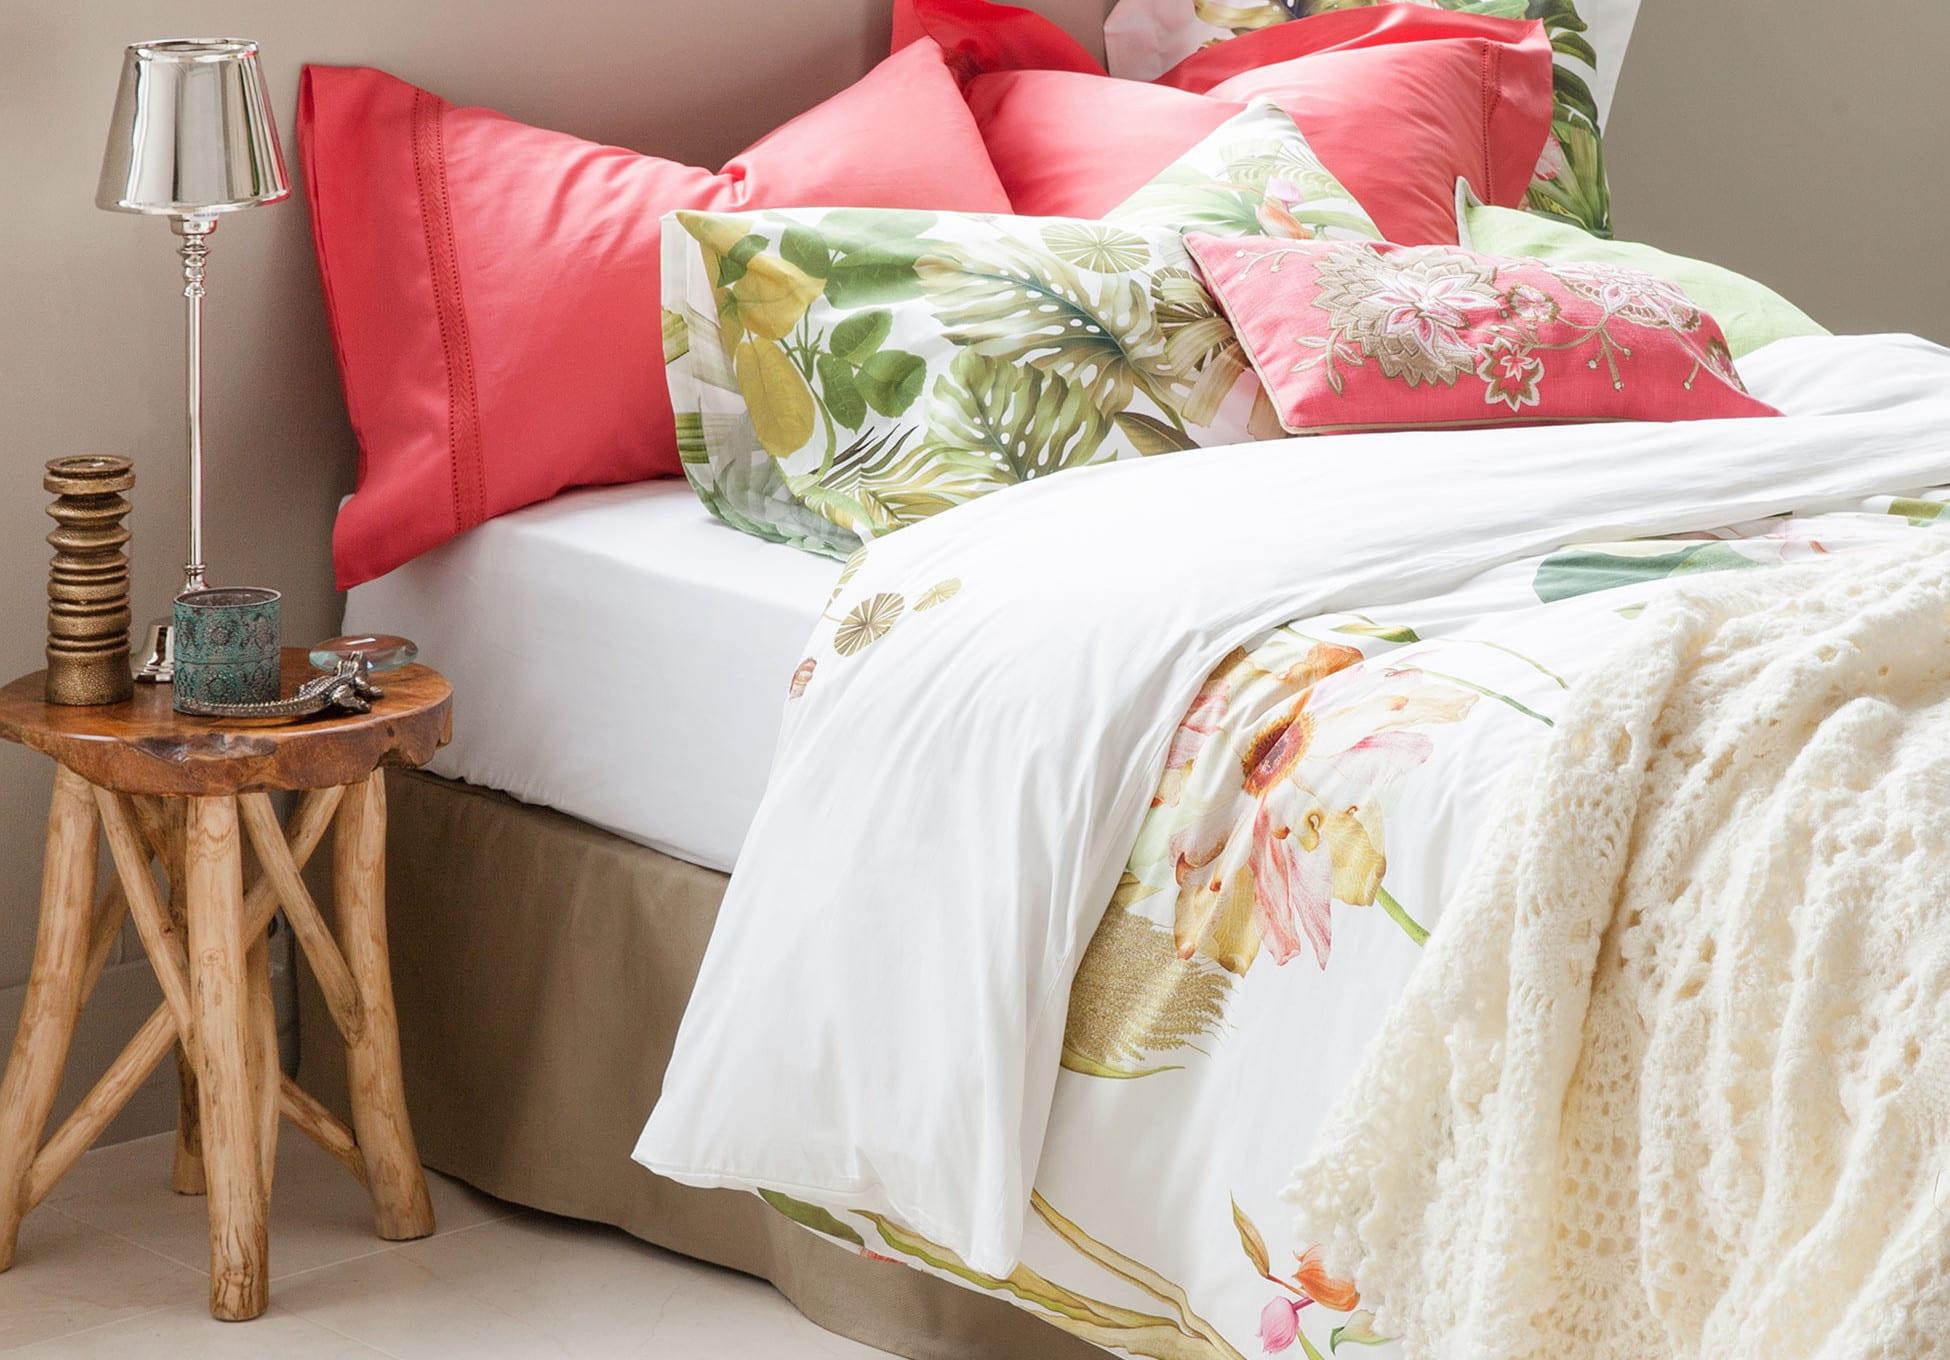 gemütliche schlafzimmer einrichten mit zara home bettwäsche und zara home kissen in pink und beistelltisch aus holz rund